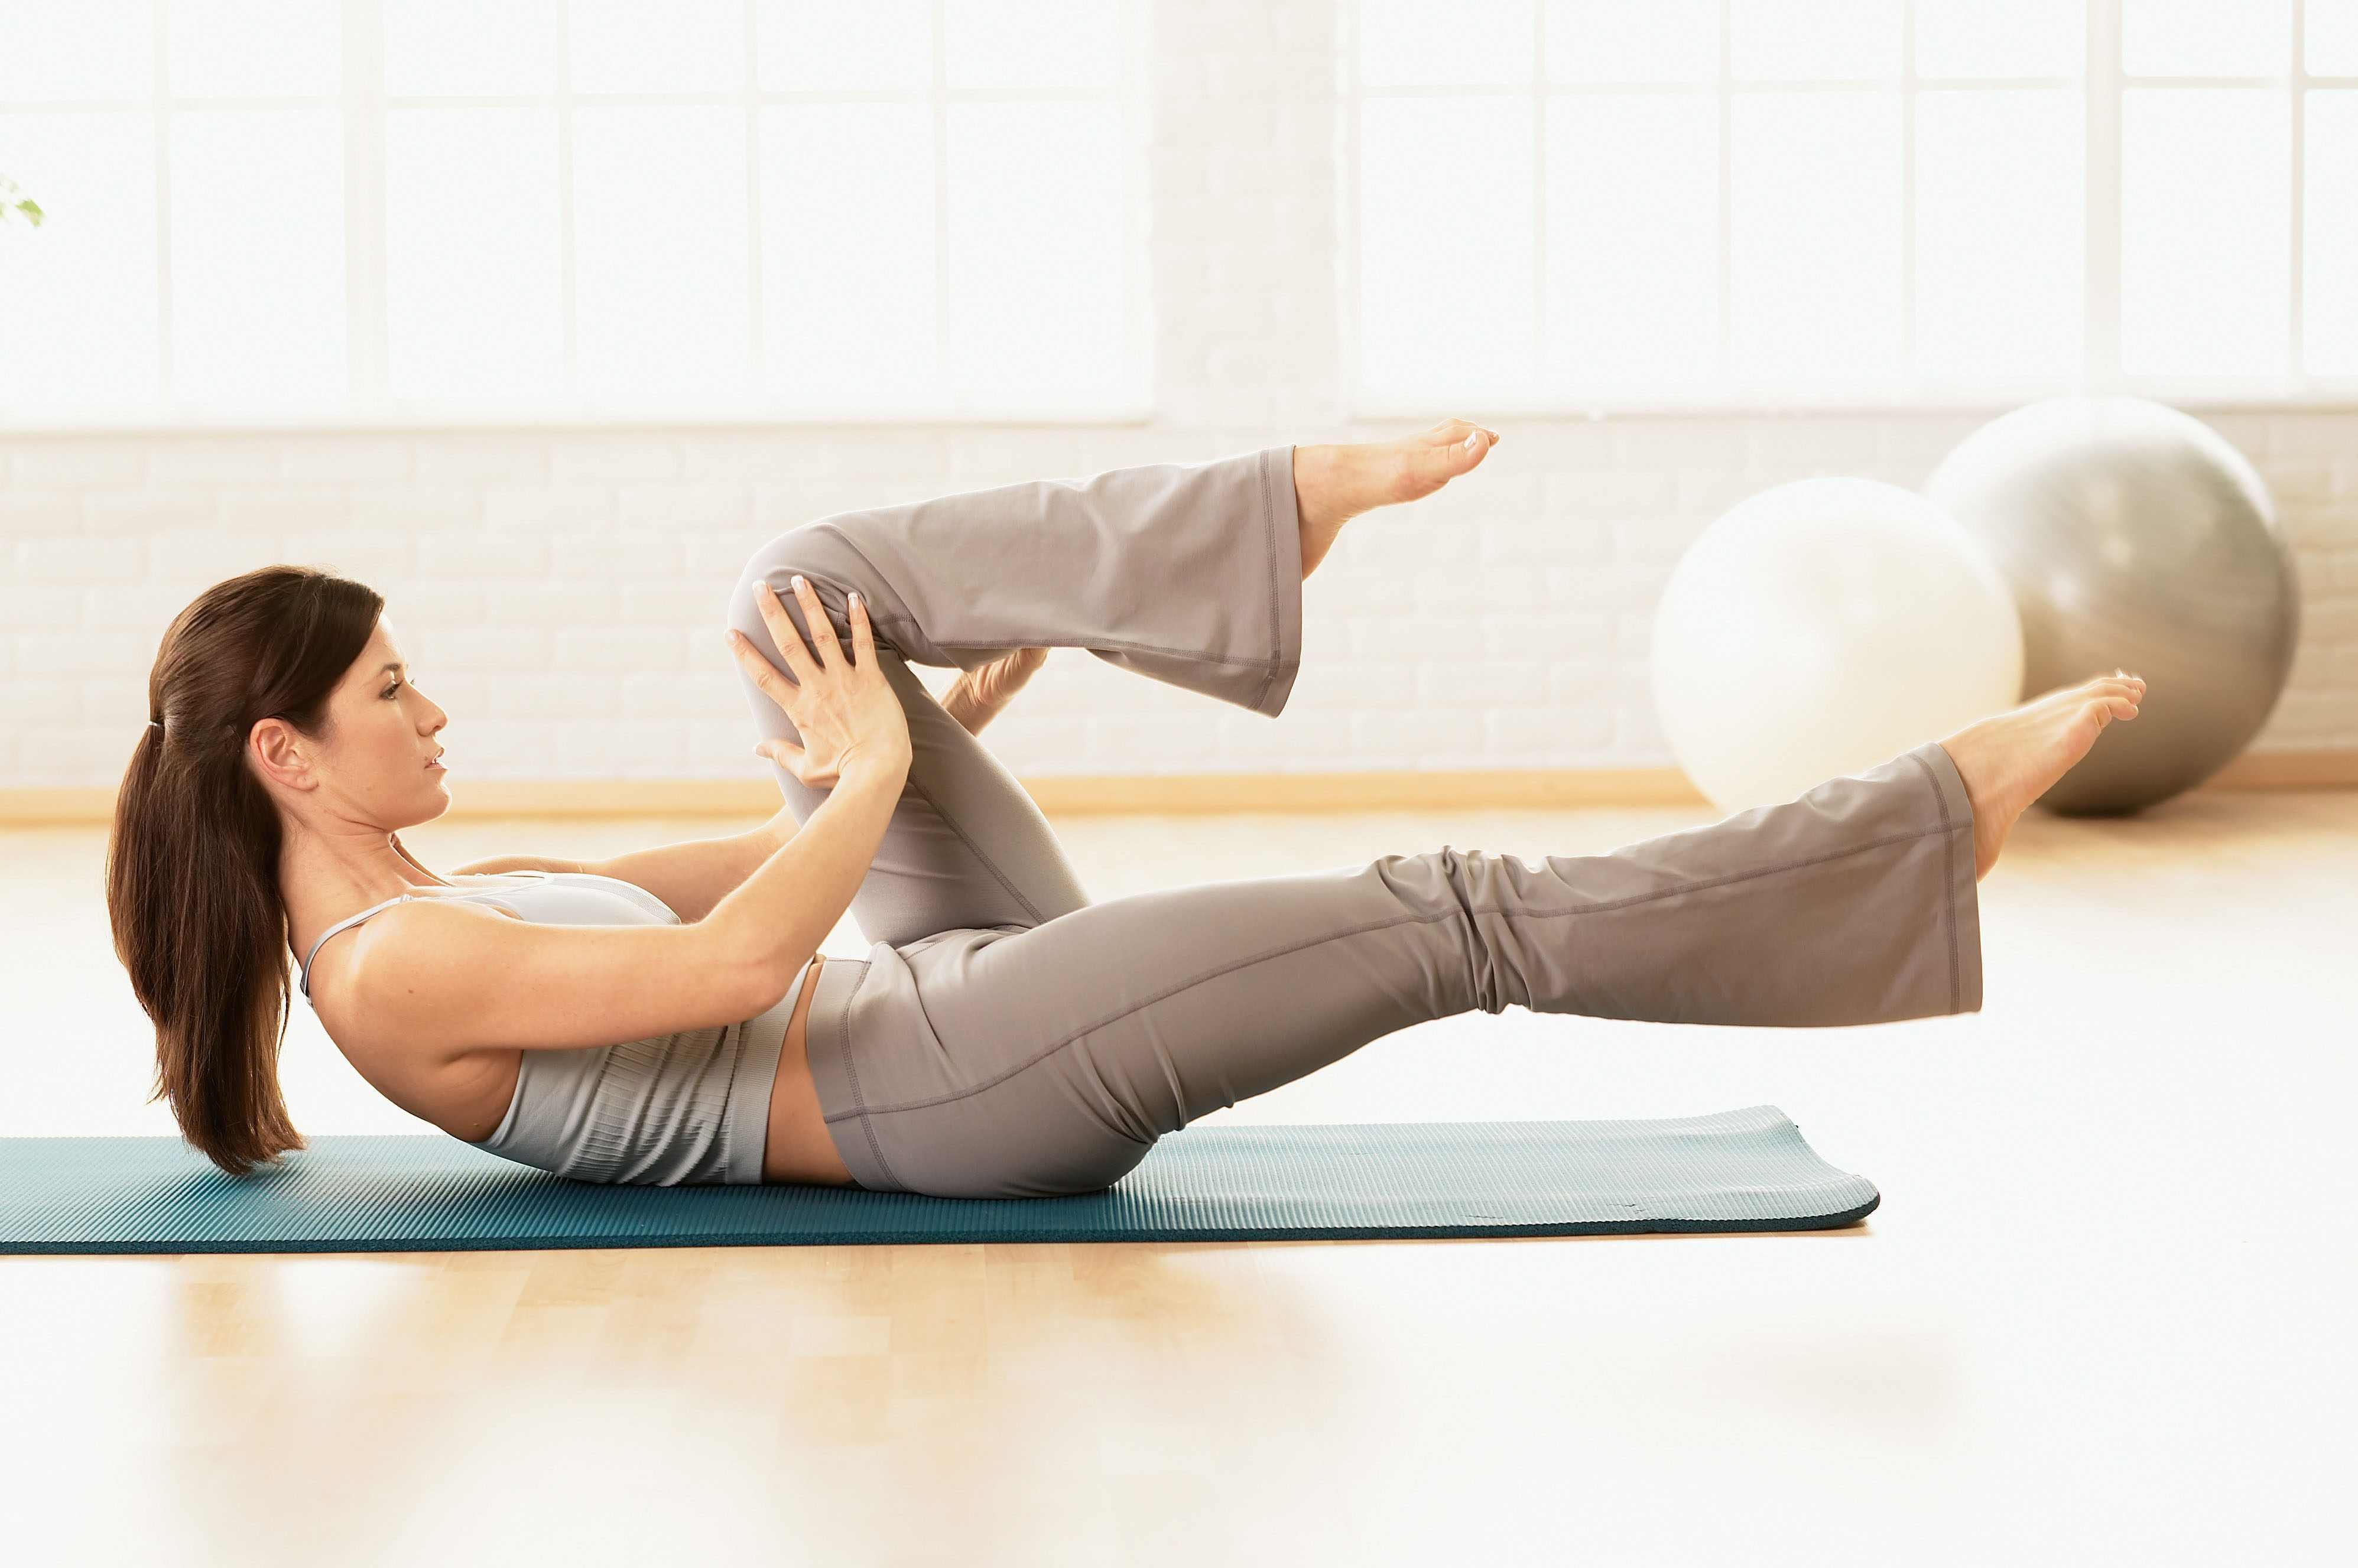 упражнения пилатес в домашних условиях